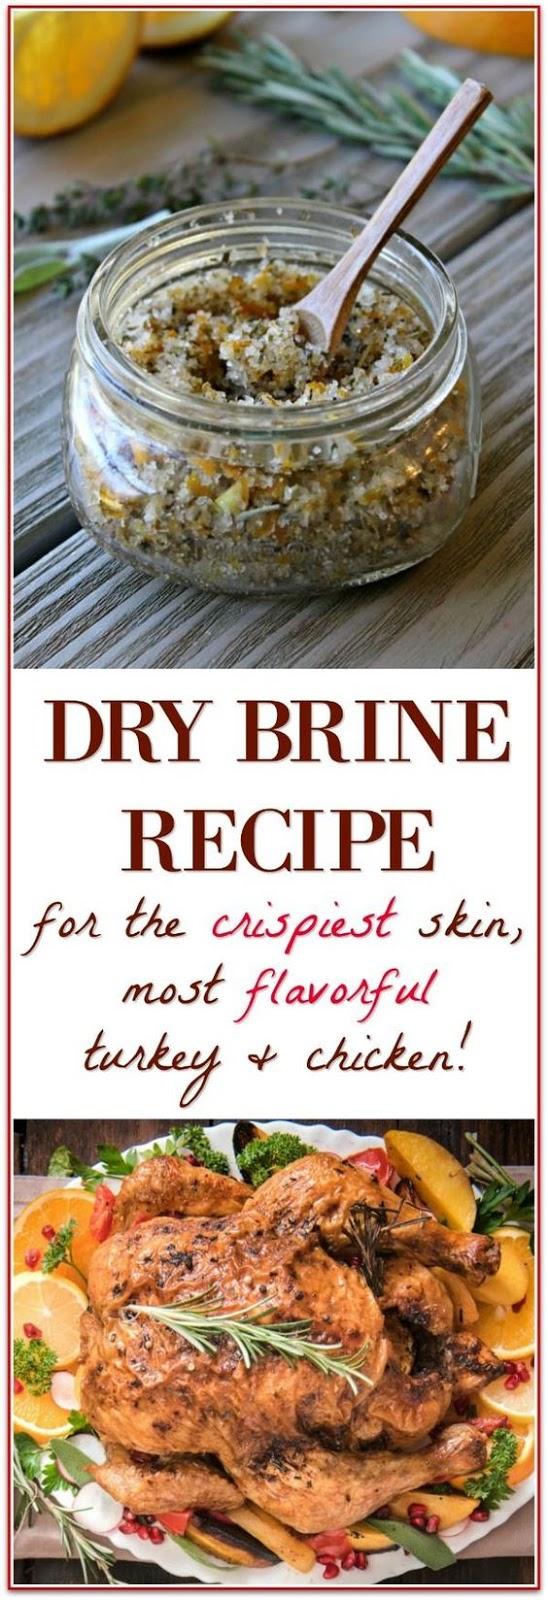 Dry Brine Turkey for the Best Thanksgiving Turkey